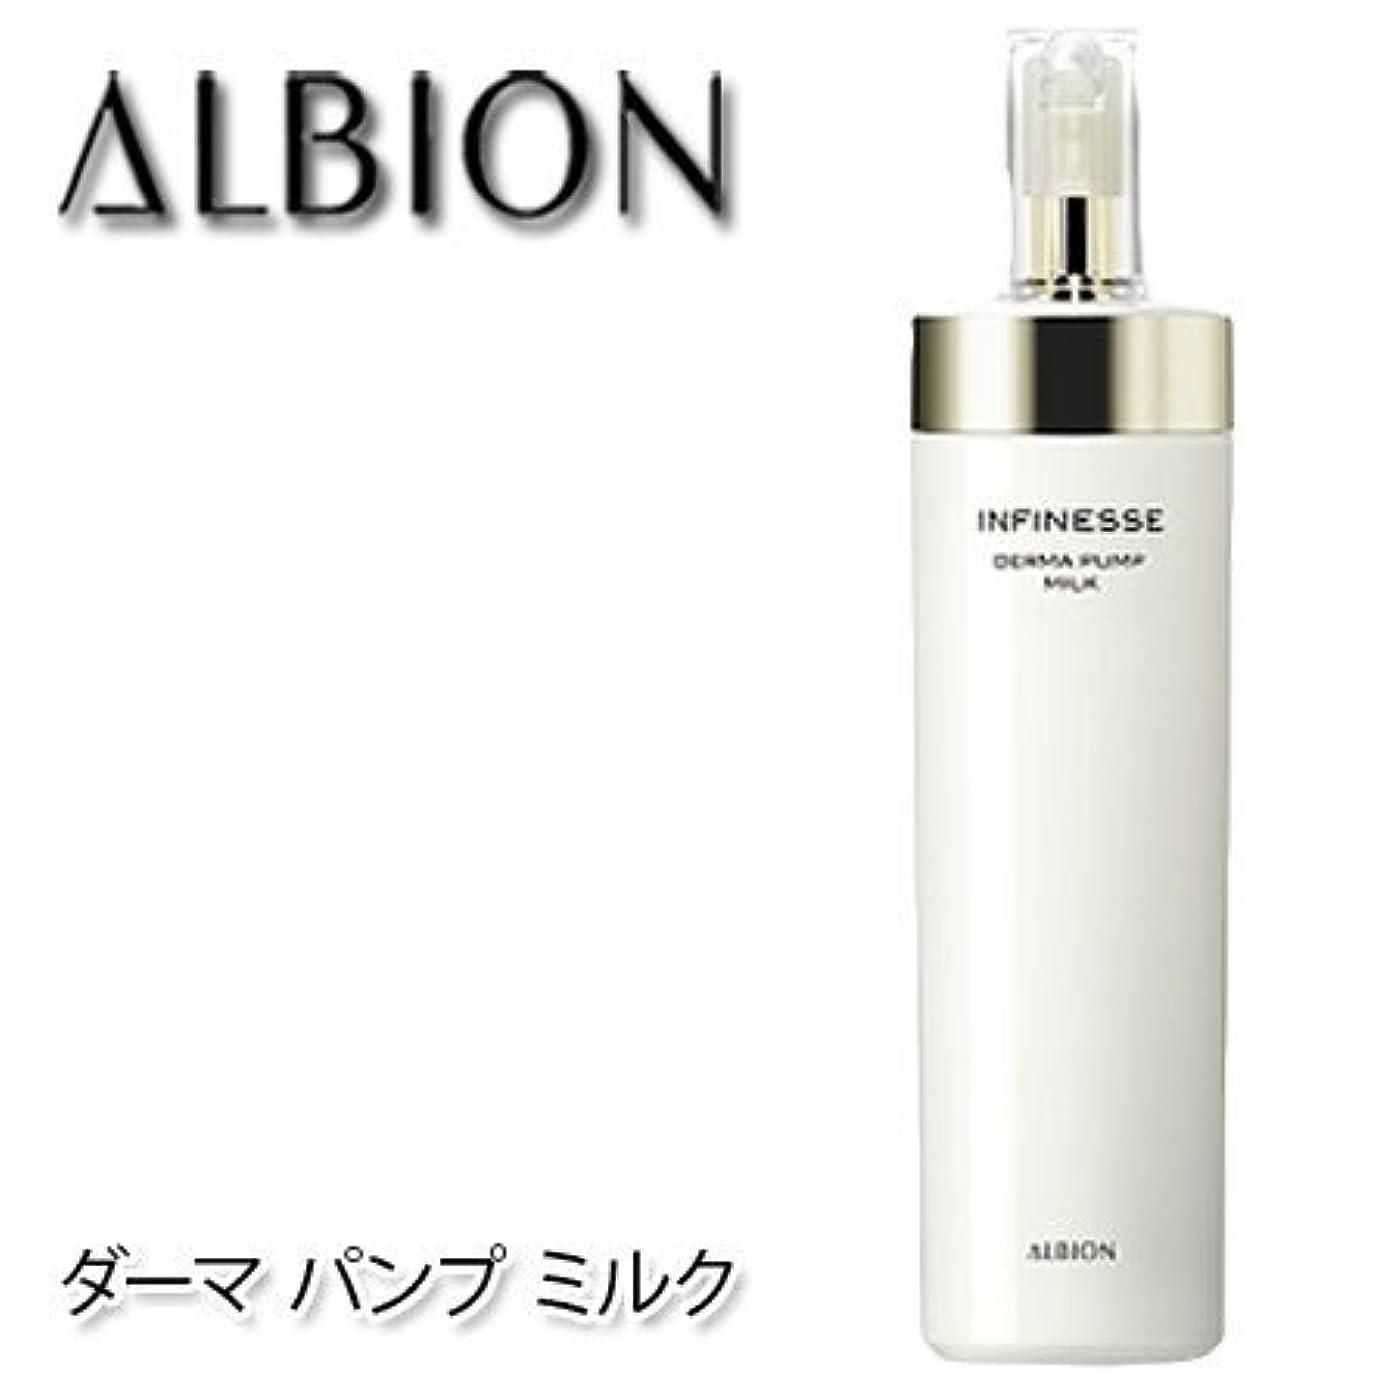 チェスをする散らす囲むアルビオン アンフィネス ダーマ パンプ ミルク 200g-ALBION-